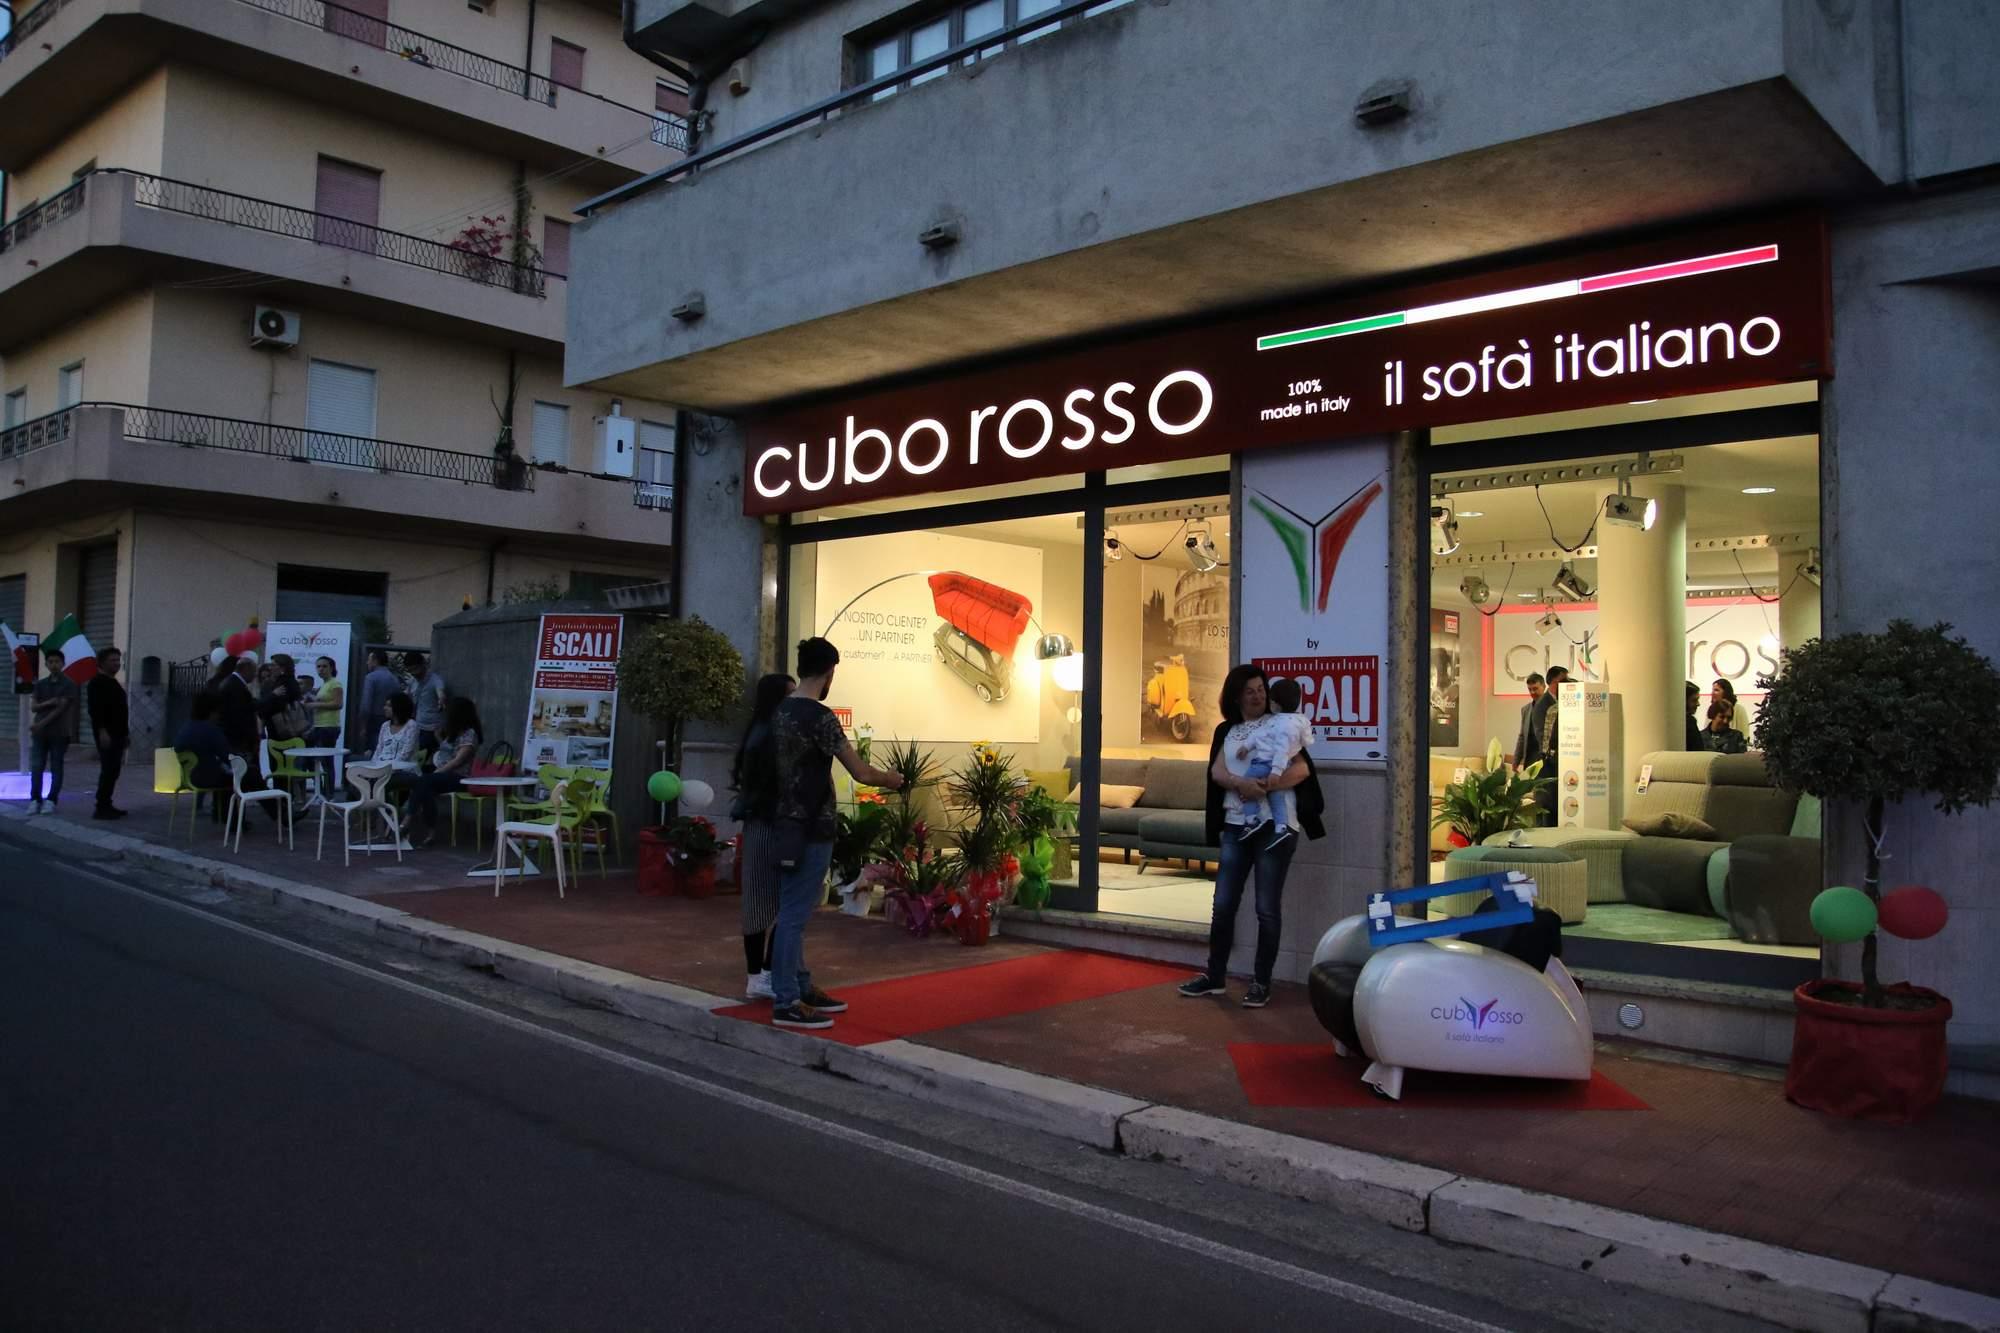 Store cuborosso cuborosso divani for Oliva arredamenti